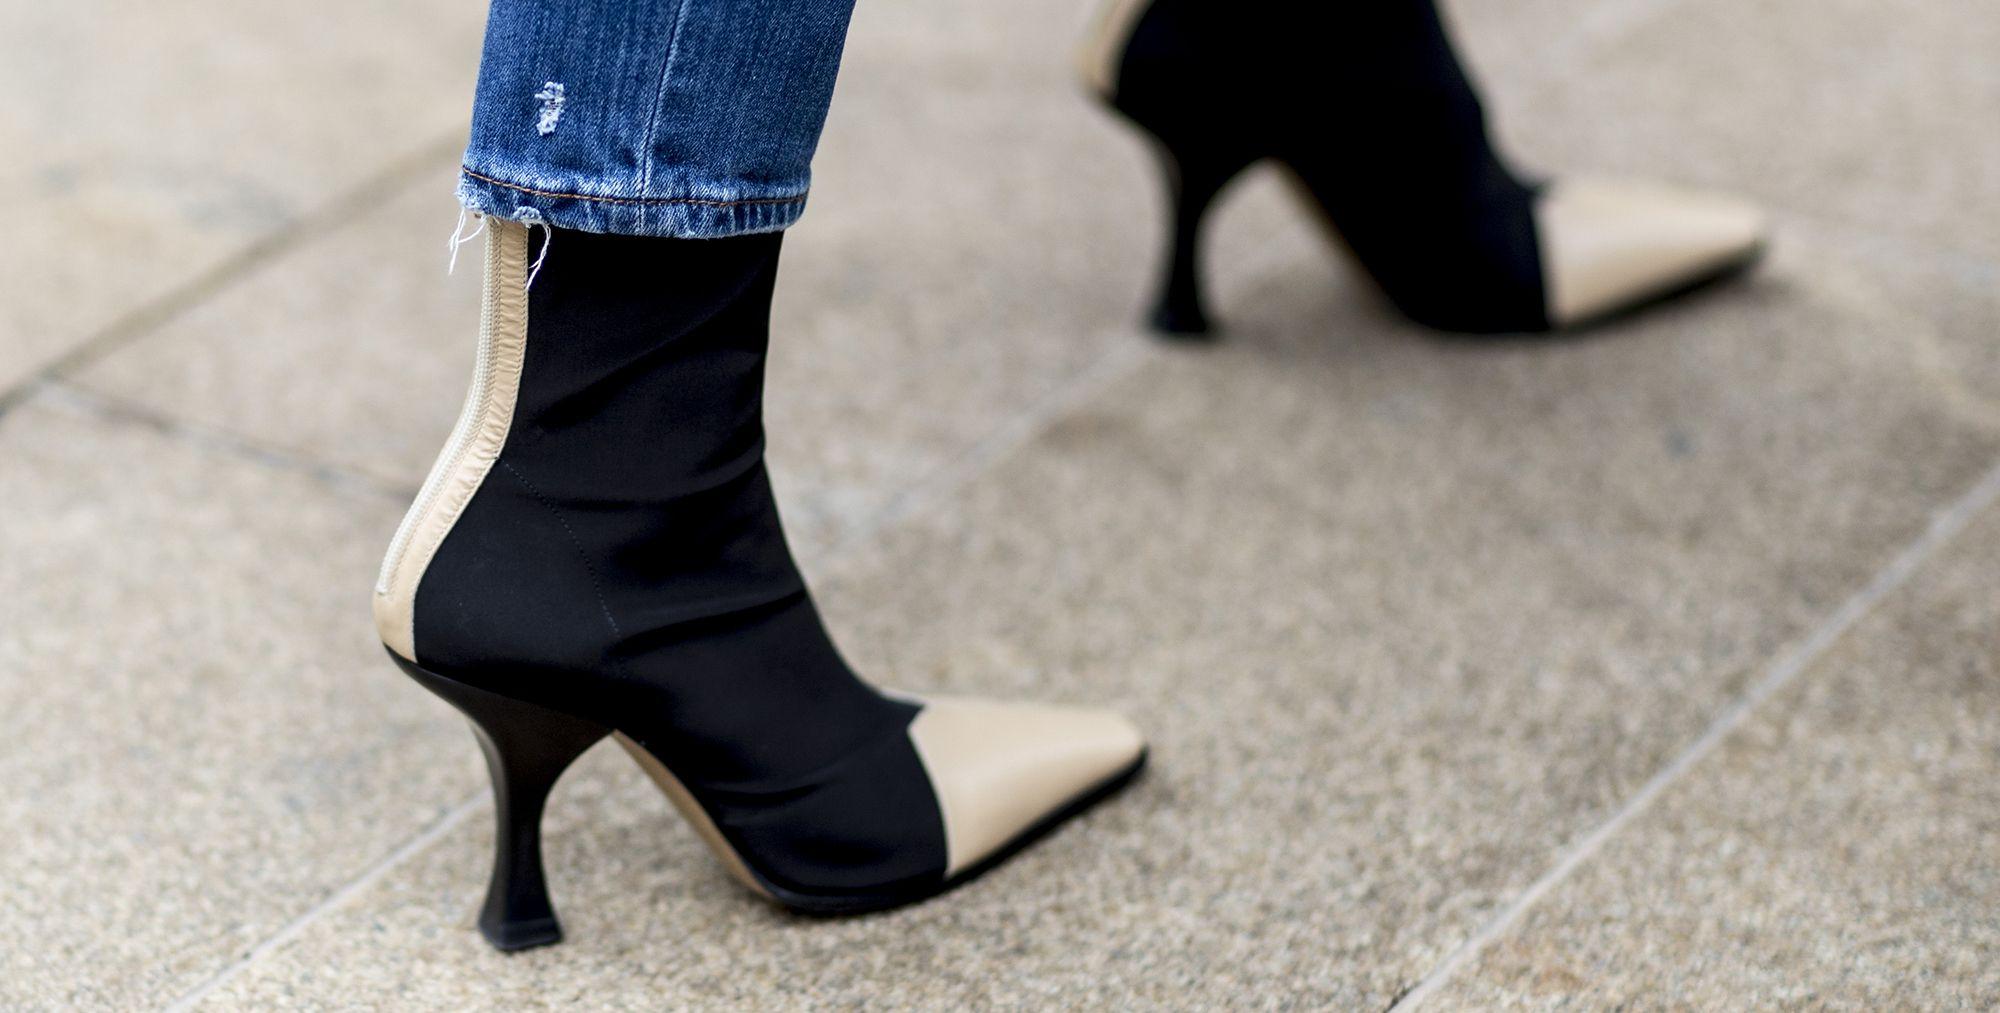 7133a6bded Stivali moda Autunno 2018: le scarpe di Mango che sembrano Celine sono  bellissime